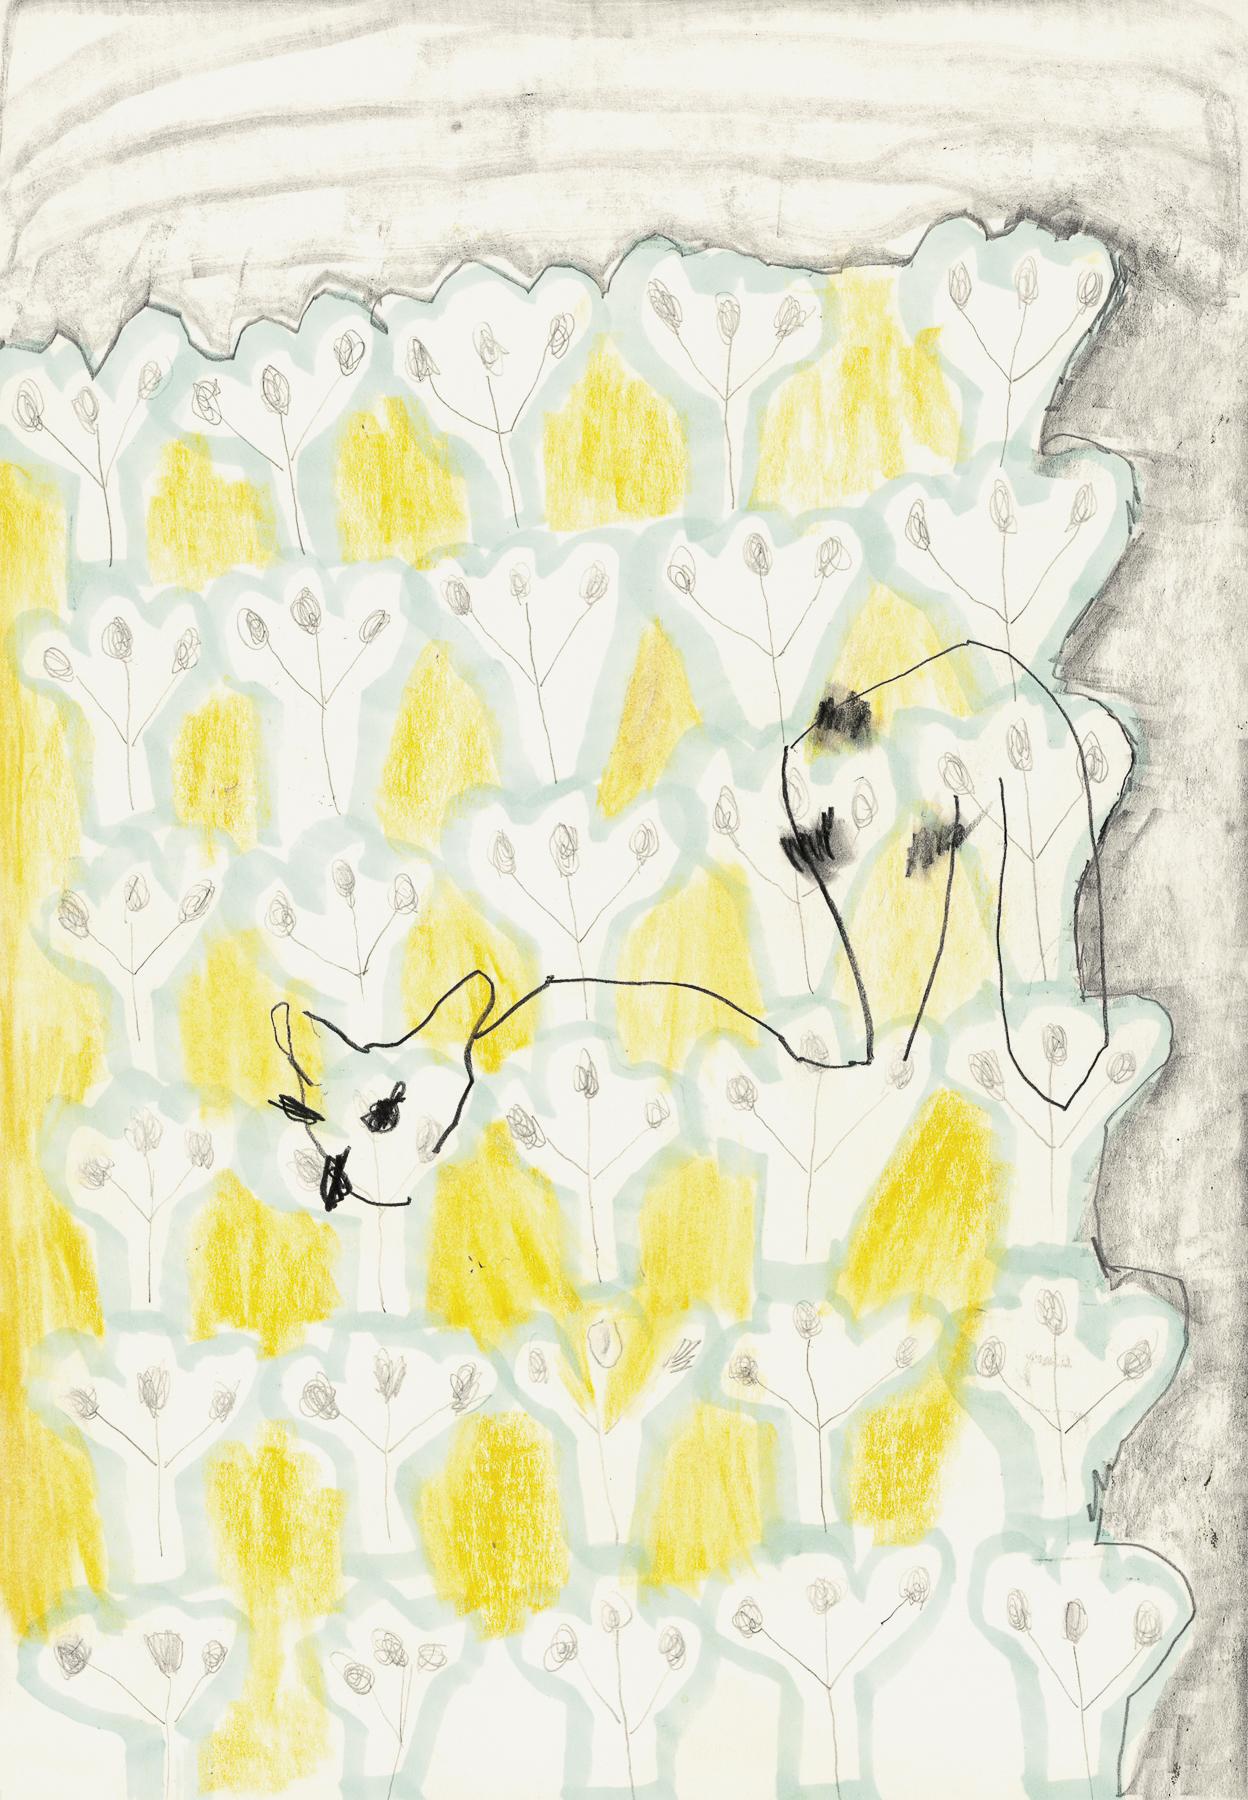 Lemonlemur, Graphit und Farbstift auf Papier, 30 x 21 cm, 2019